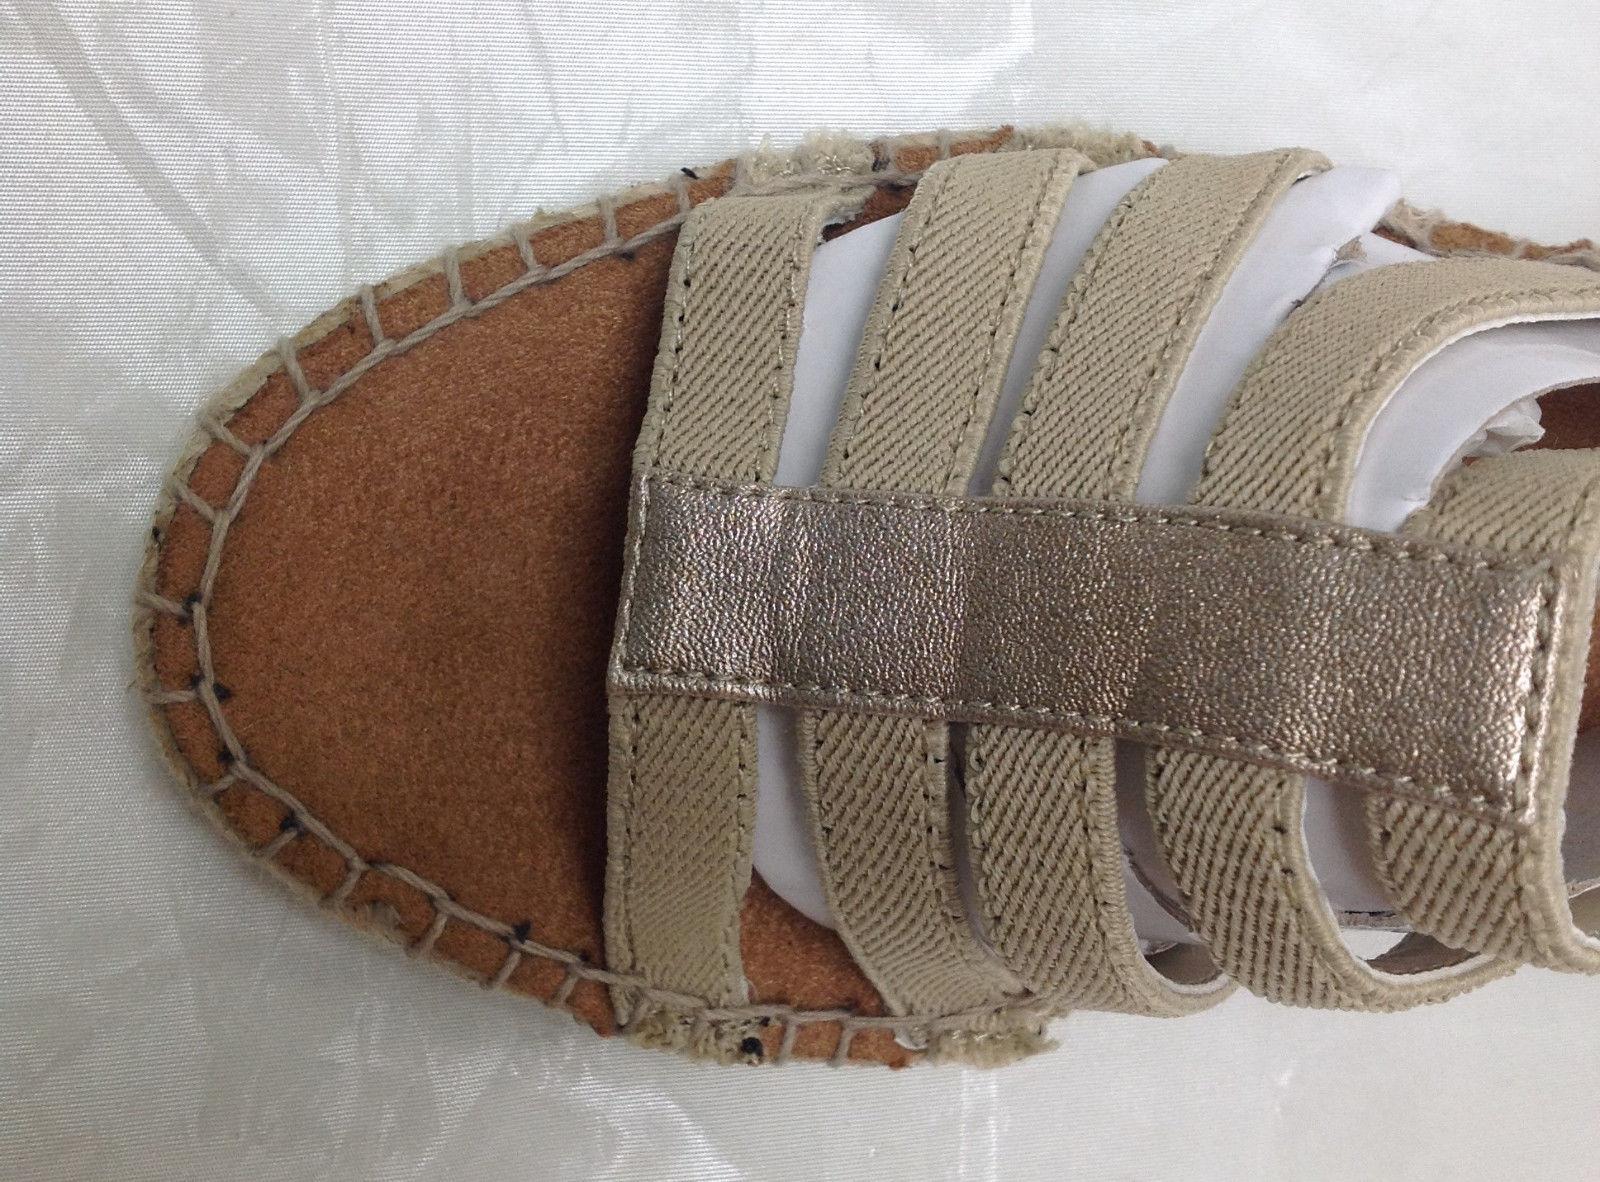 LifeStride Women's Multi-strap Espadrille Sandals, Route, Light Gold, Size 6.5 M